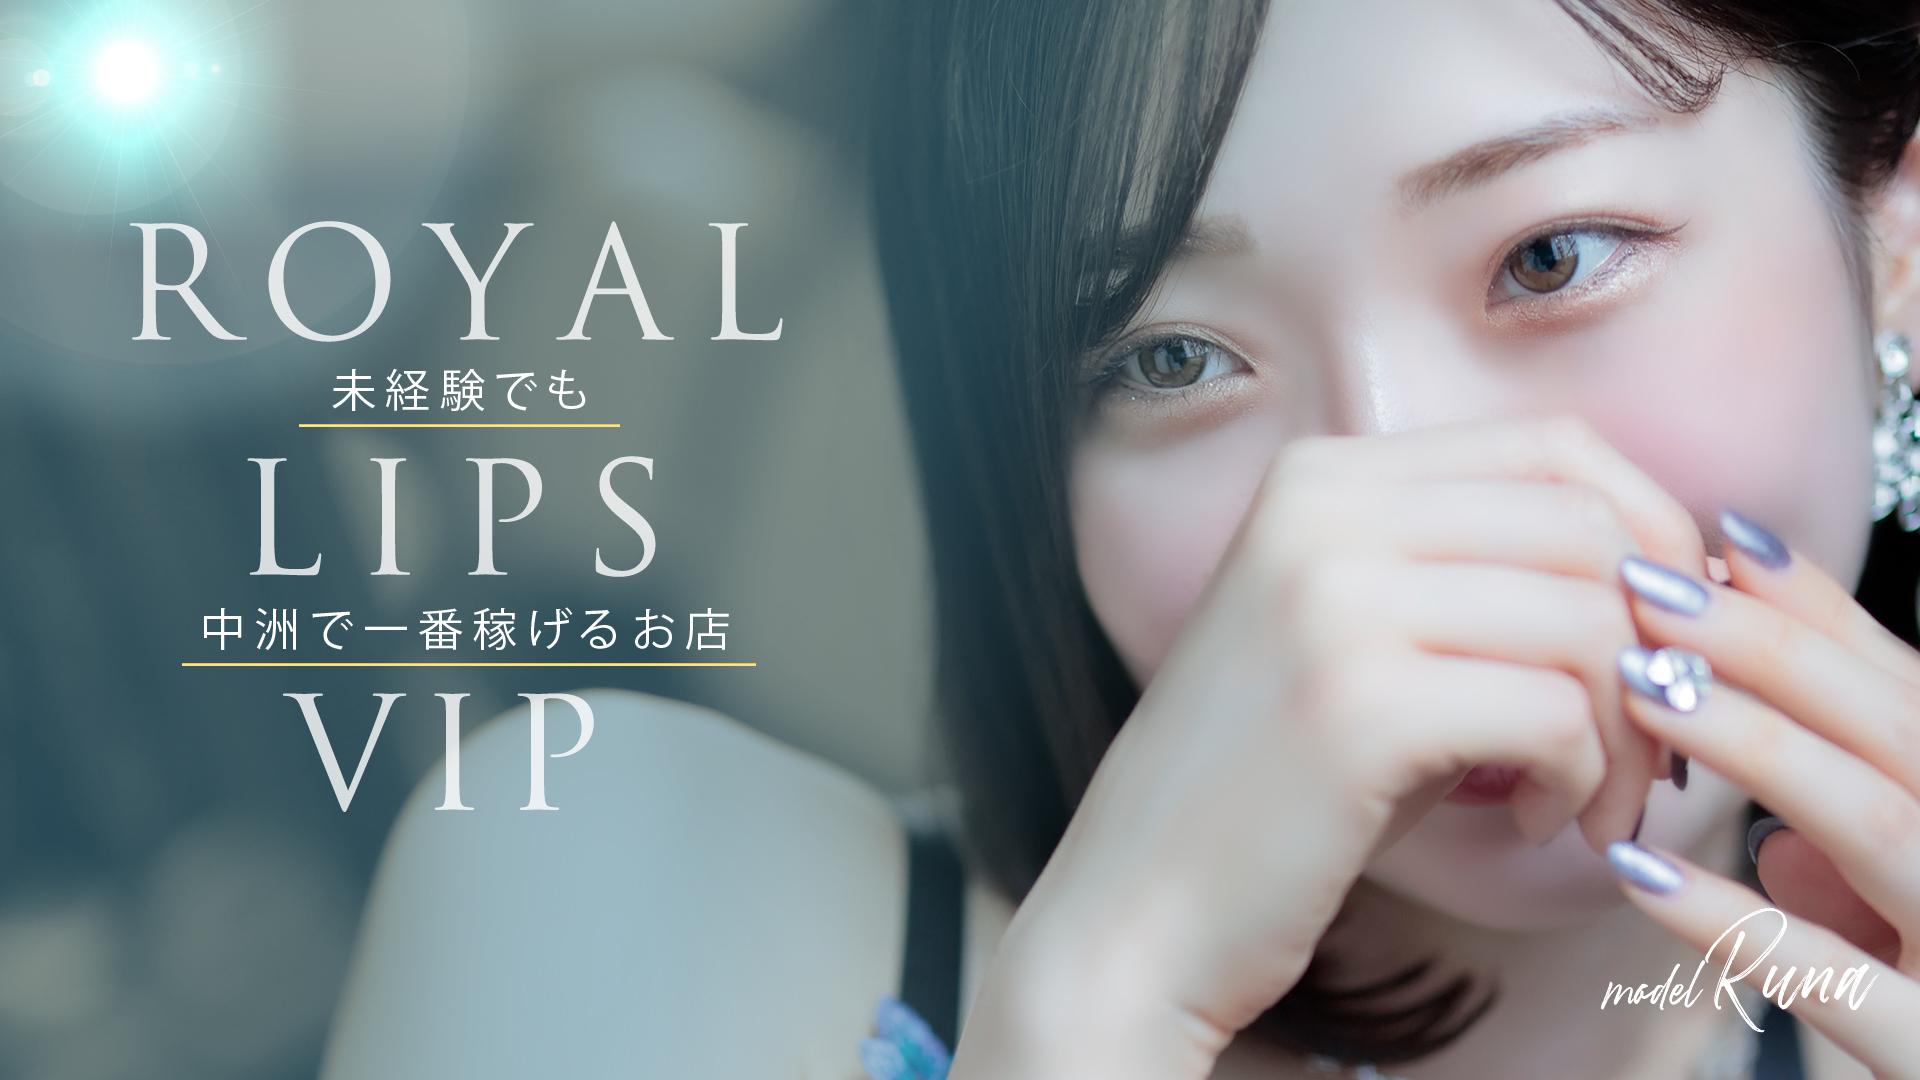 未経験でも中洲で一番稼げるお店「Royal Lips VIP」